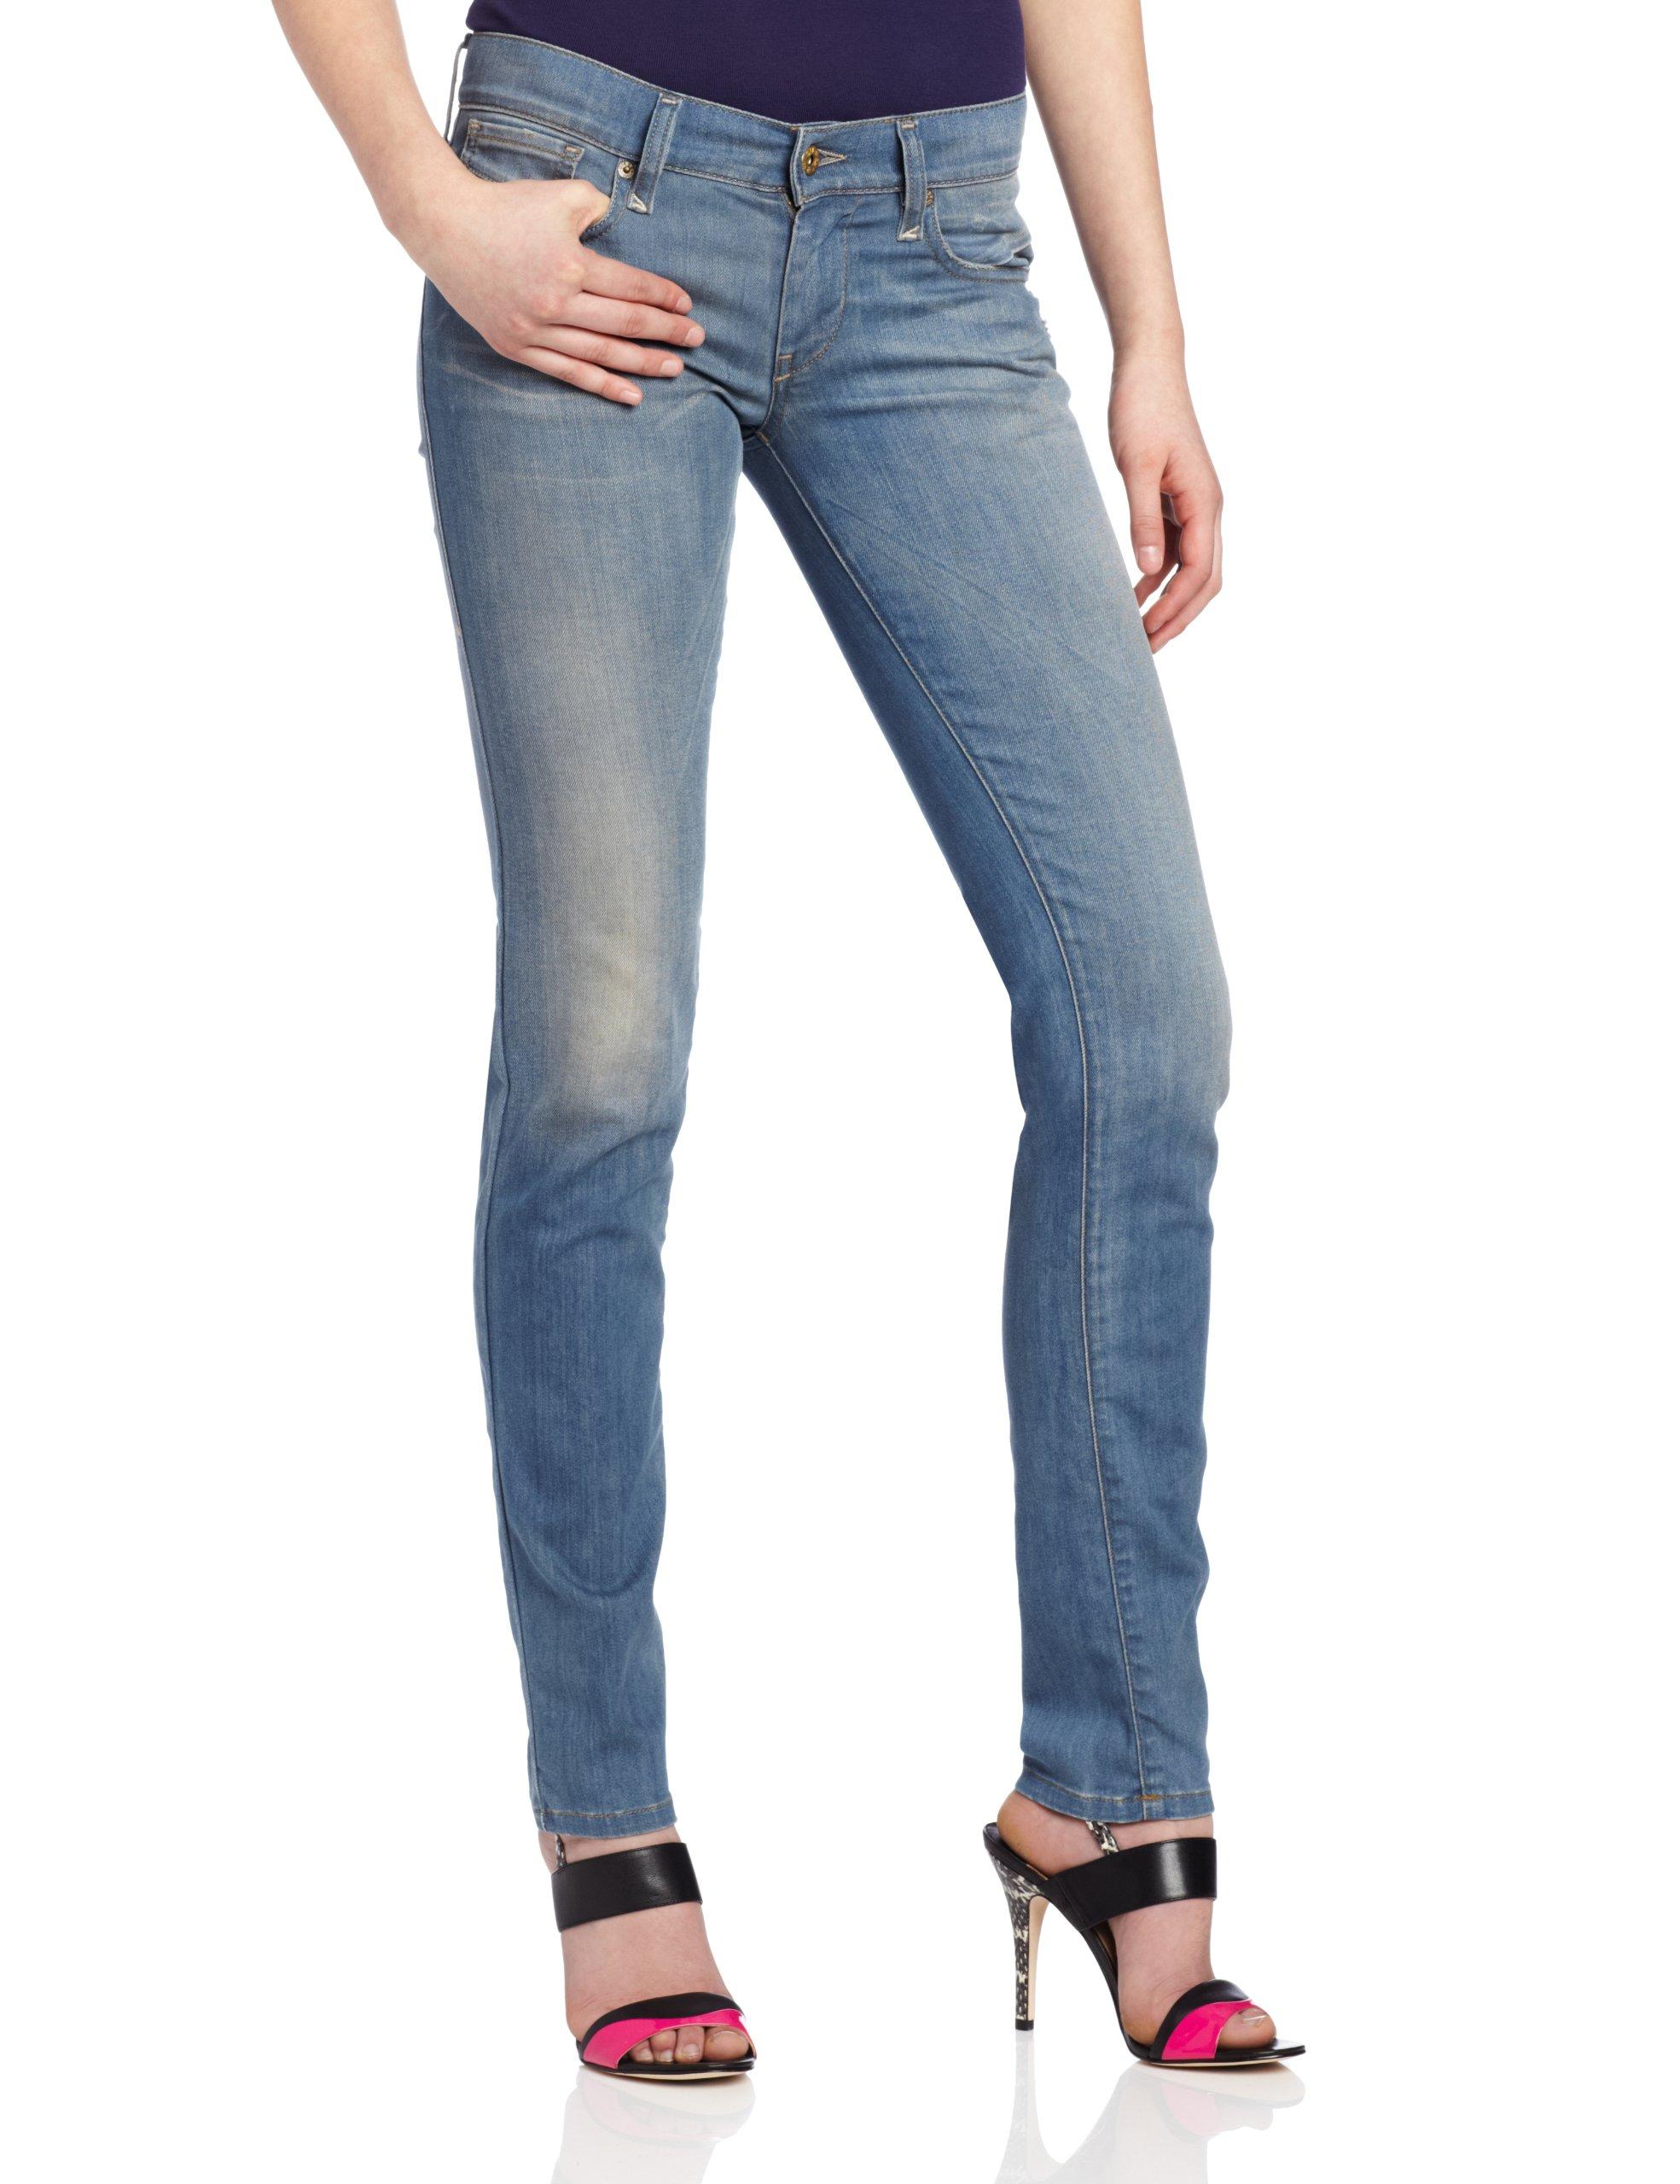 Diesel Women's Getlegg Slim Skinny Leg Jean 0821E, Denim, 29x32 by Diesel (Image #1)